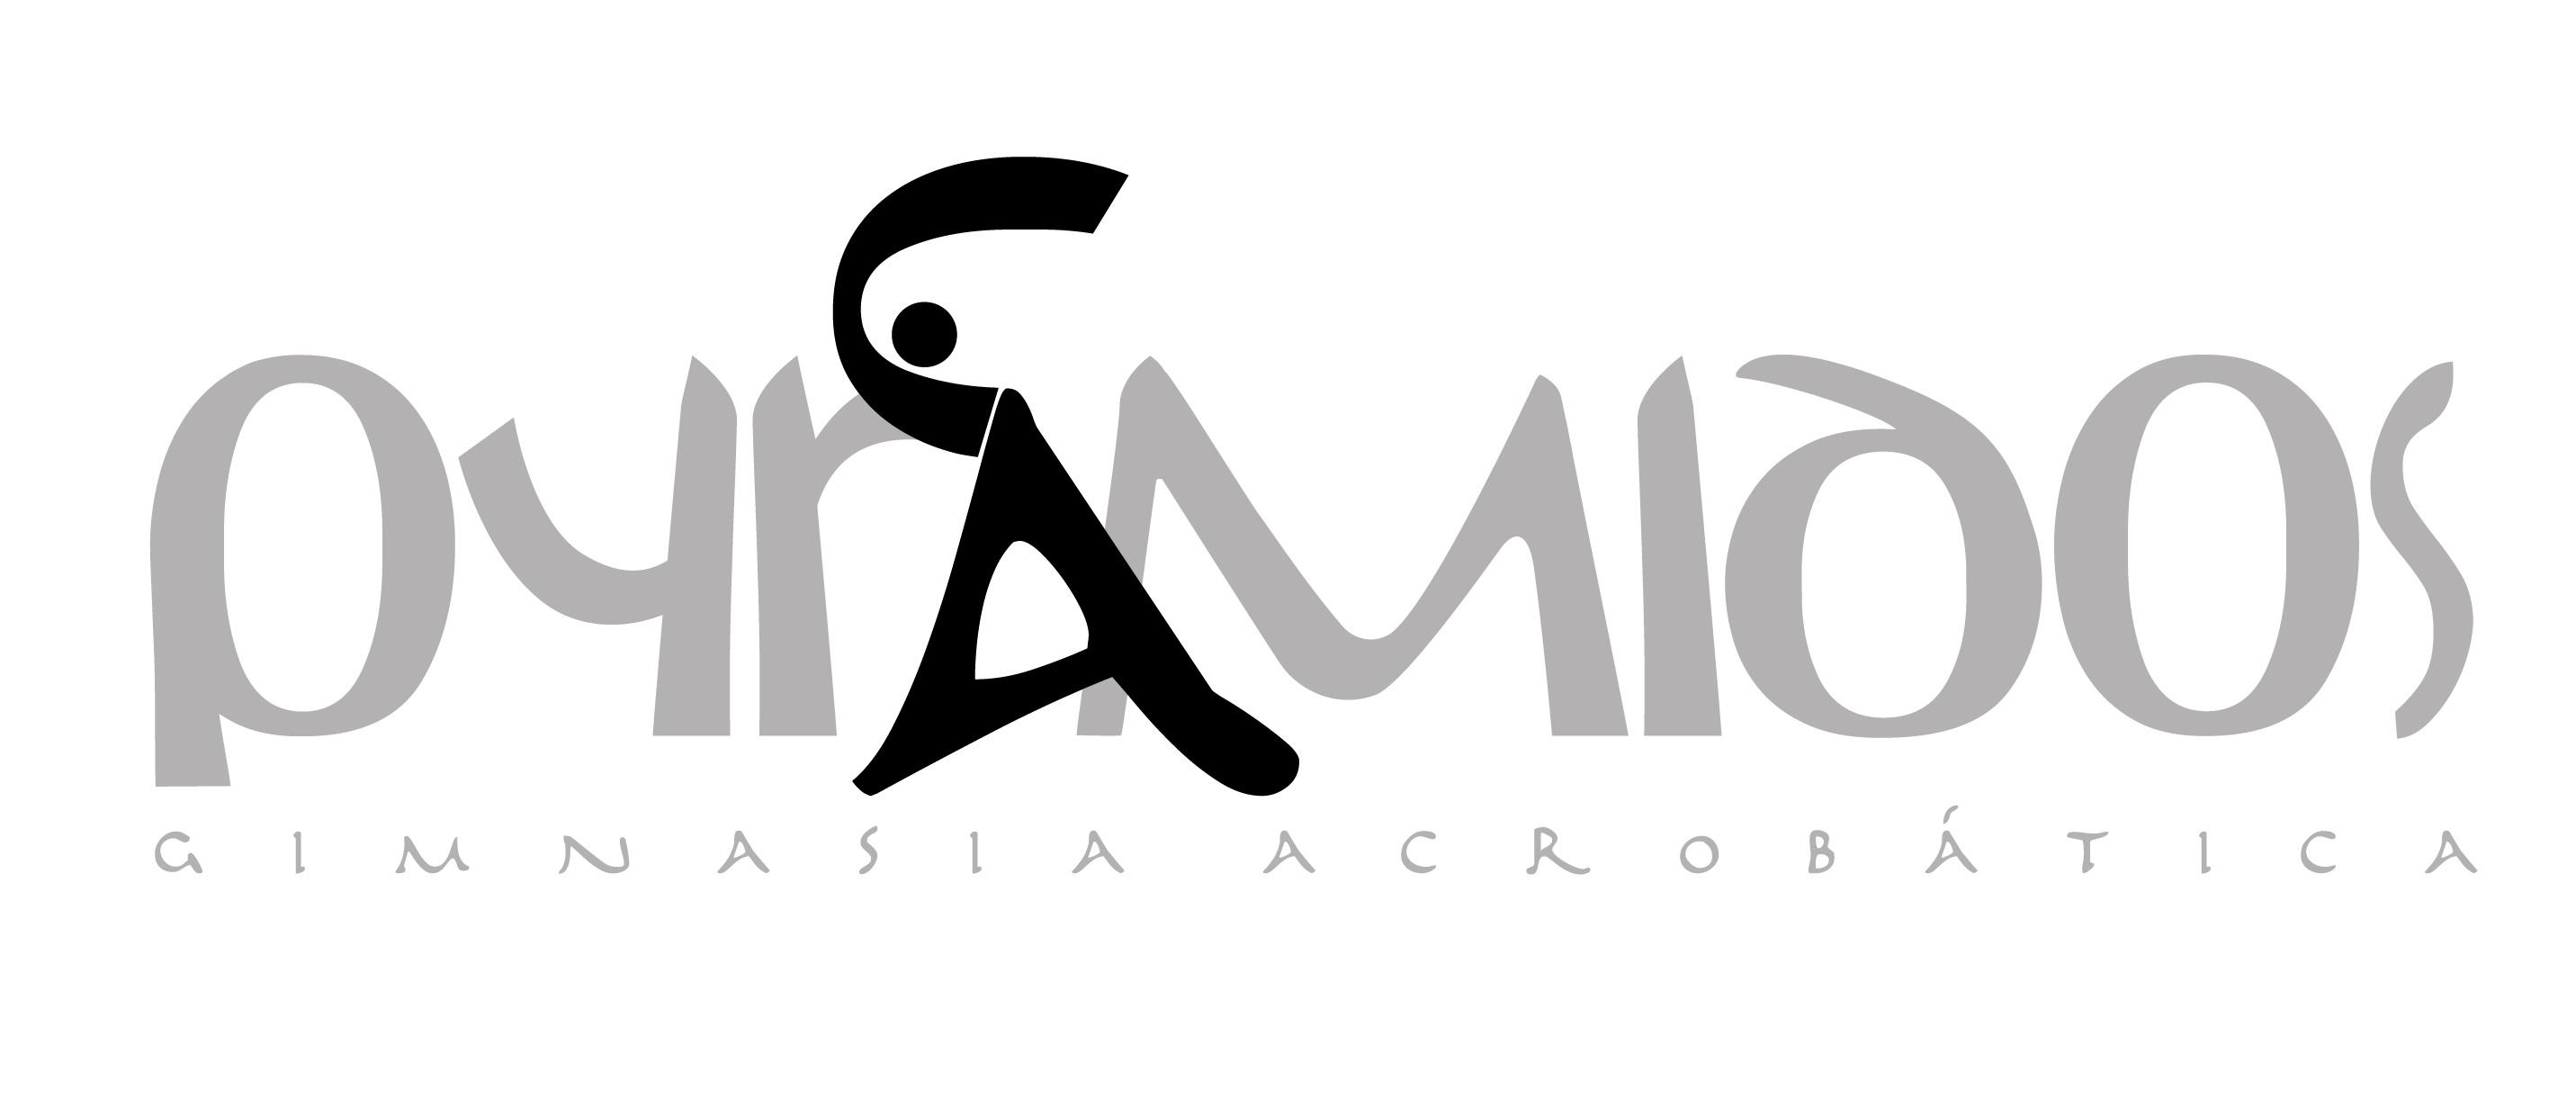 Pyramidos logotipo v4-02